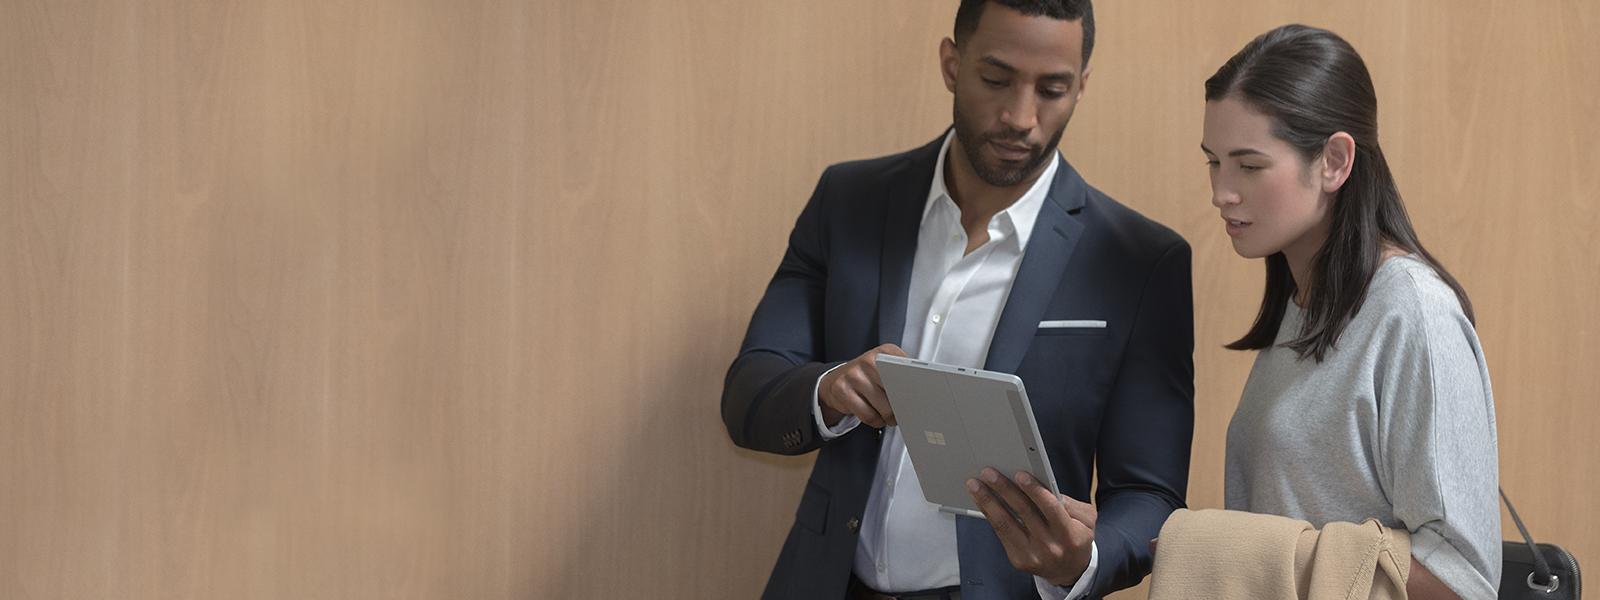 رجل وسيدة يعملان في رواق مكتب باستخدام جهازي Surface Go بلون فضي وعنابي